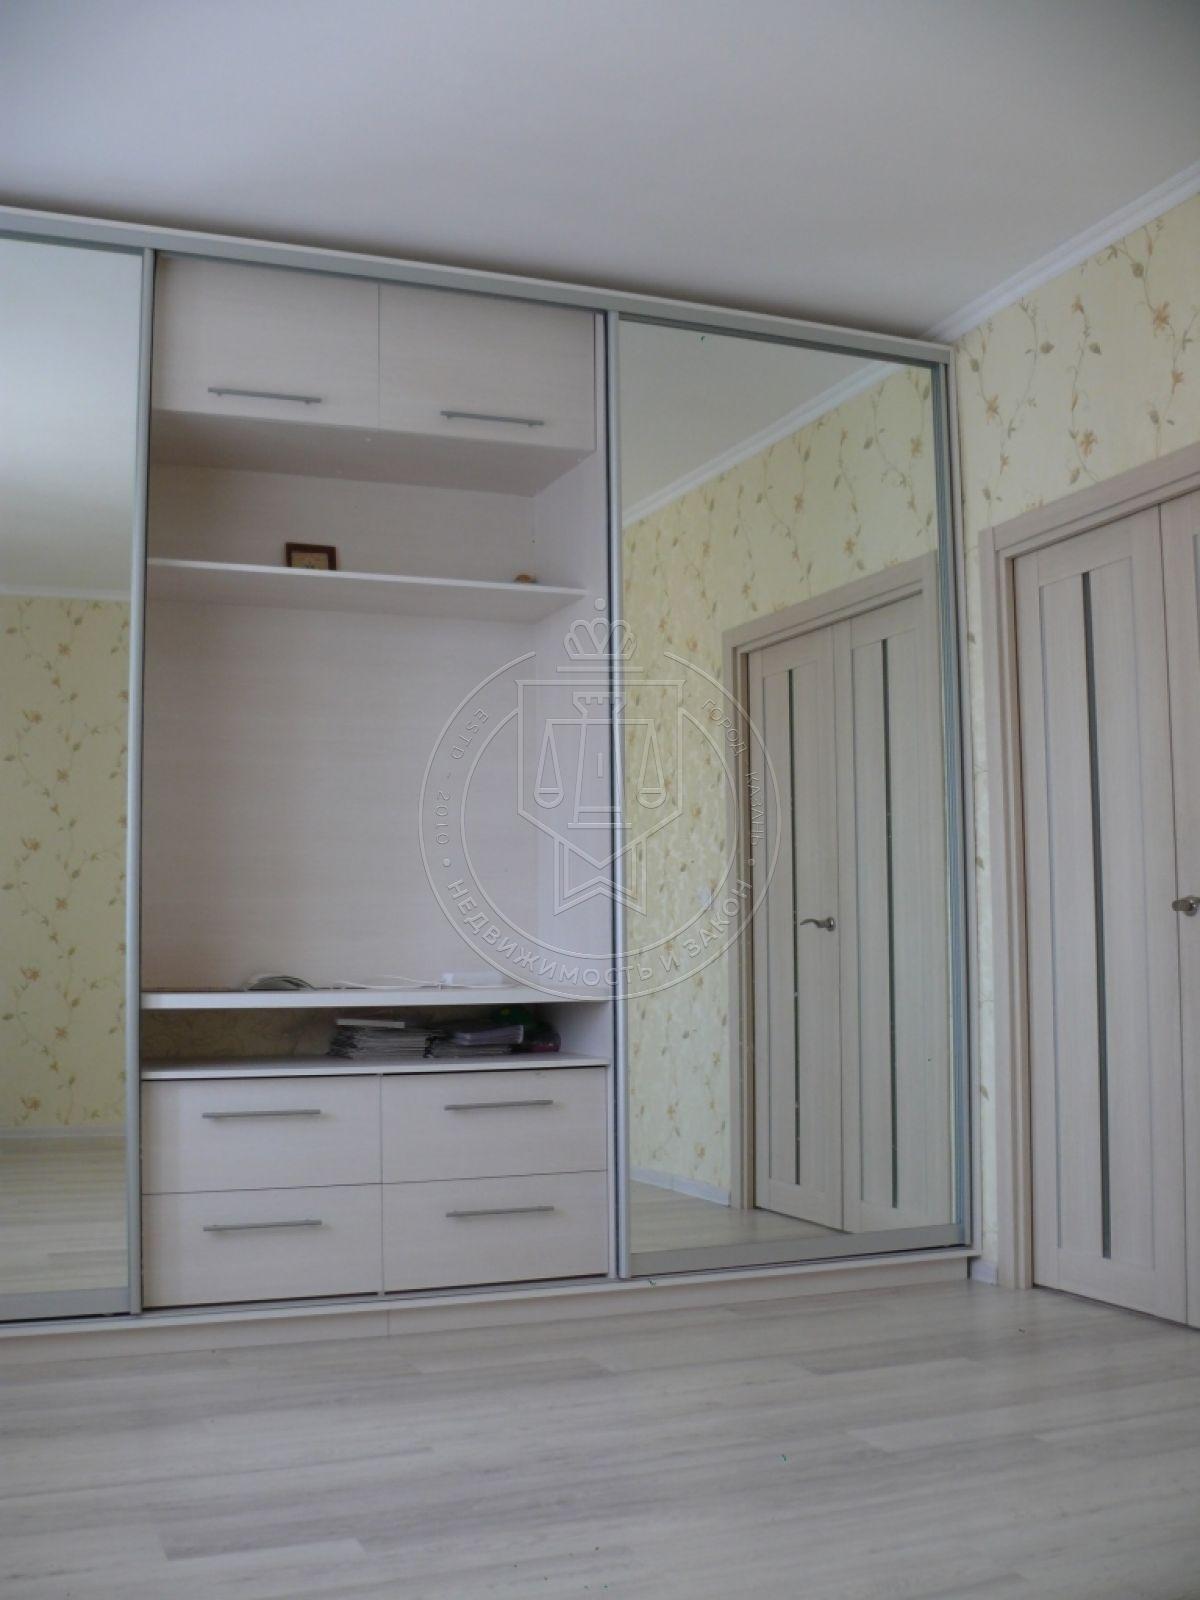 2-к квартира, 61 м², 16/16 эт., Адоратского ул, 4а (миниатюра №2)